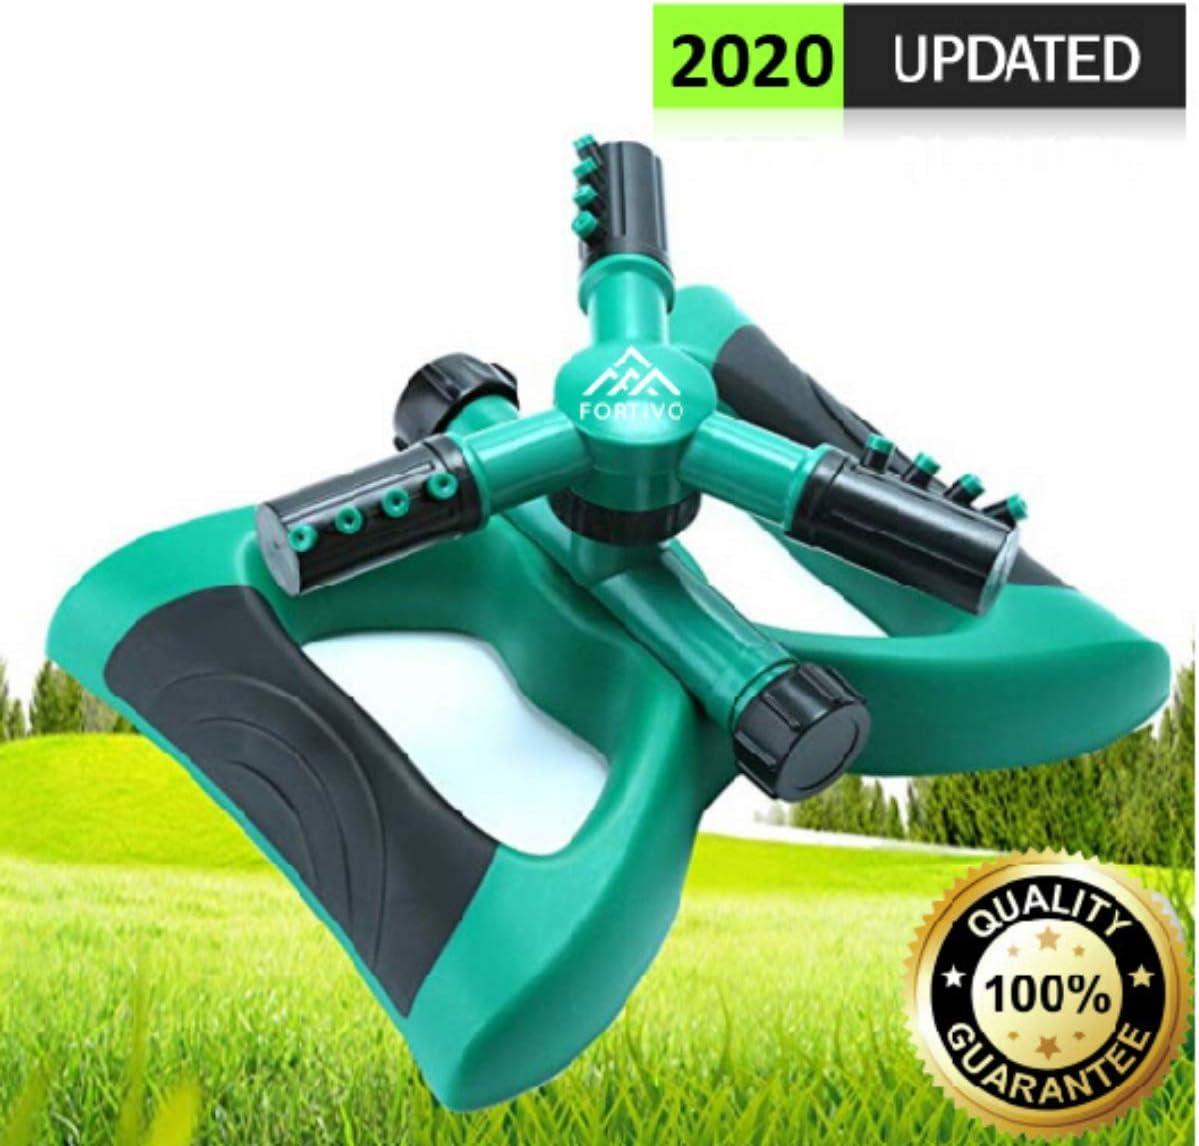 Lawn Sprinkler Garden Sprinkler -2020 Updated, Automatic 360 Rotating Adjustable Large Area, Water Sprinkler for Kids Yard Irrigation System Oscillating Sprinkler Watering Sprayer Easy Hose Connection : Garden & Outdoor